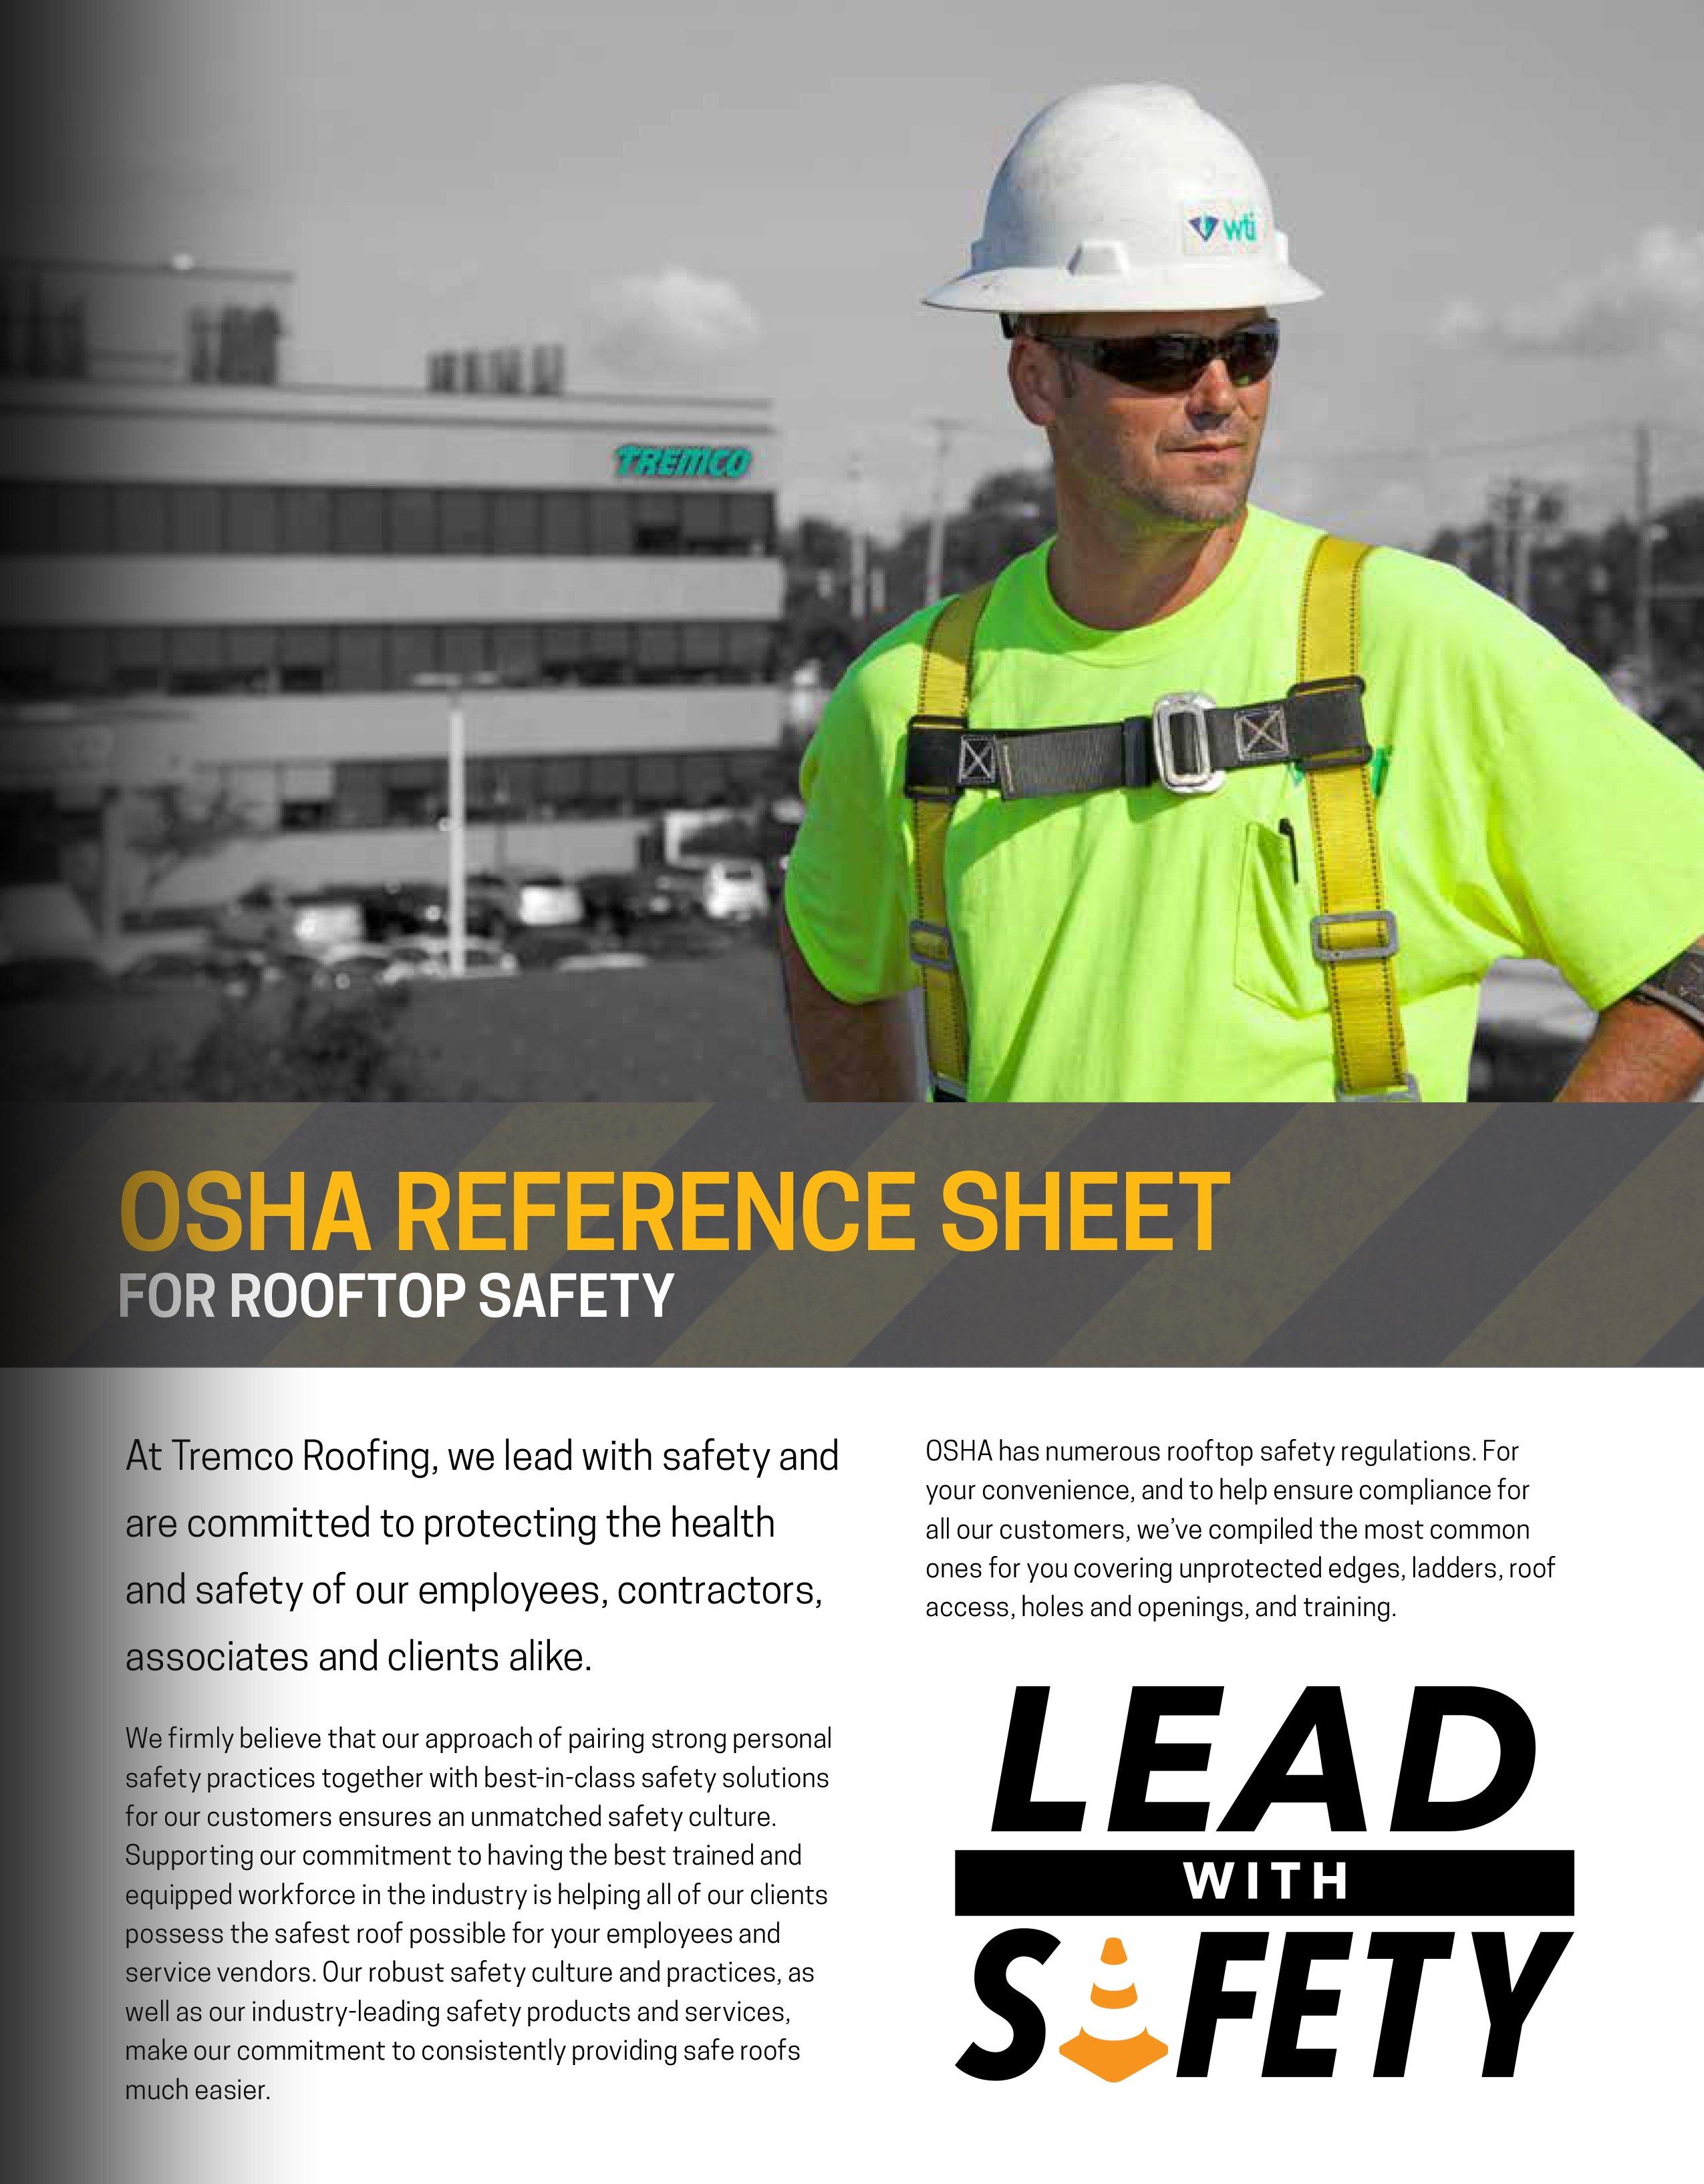 OHSASheet-US-web-1